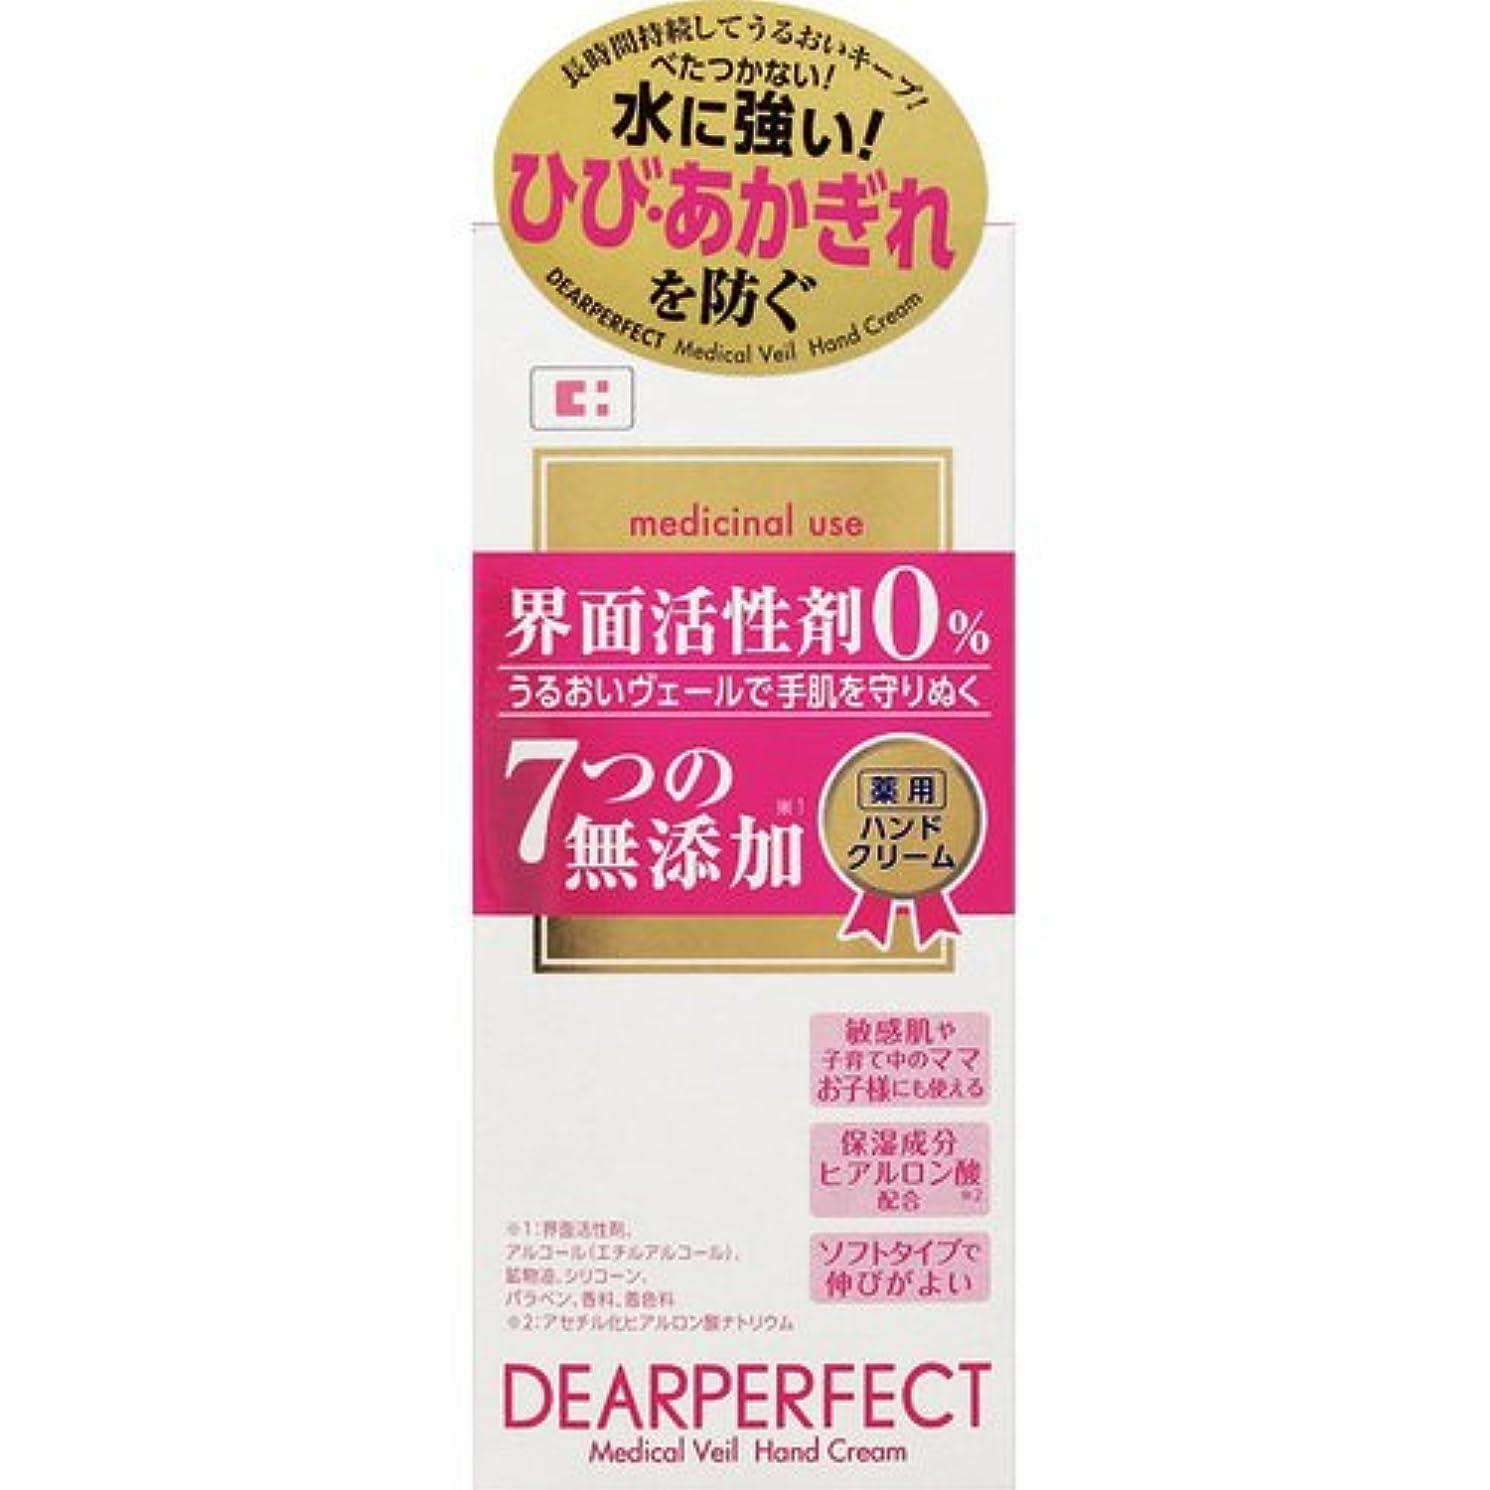 慈悲深いユーモラスズームディアパーフェクト 薬用ハンドクリーム 40g [医薬部外品]